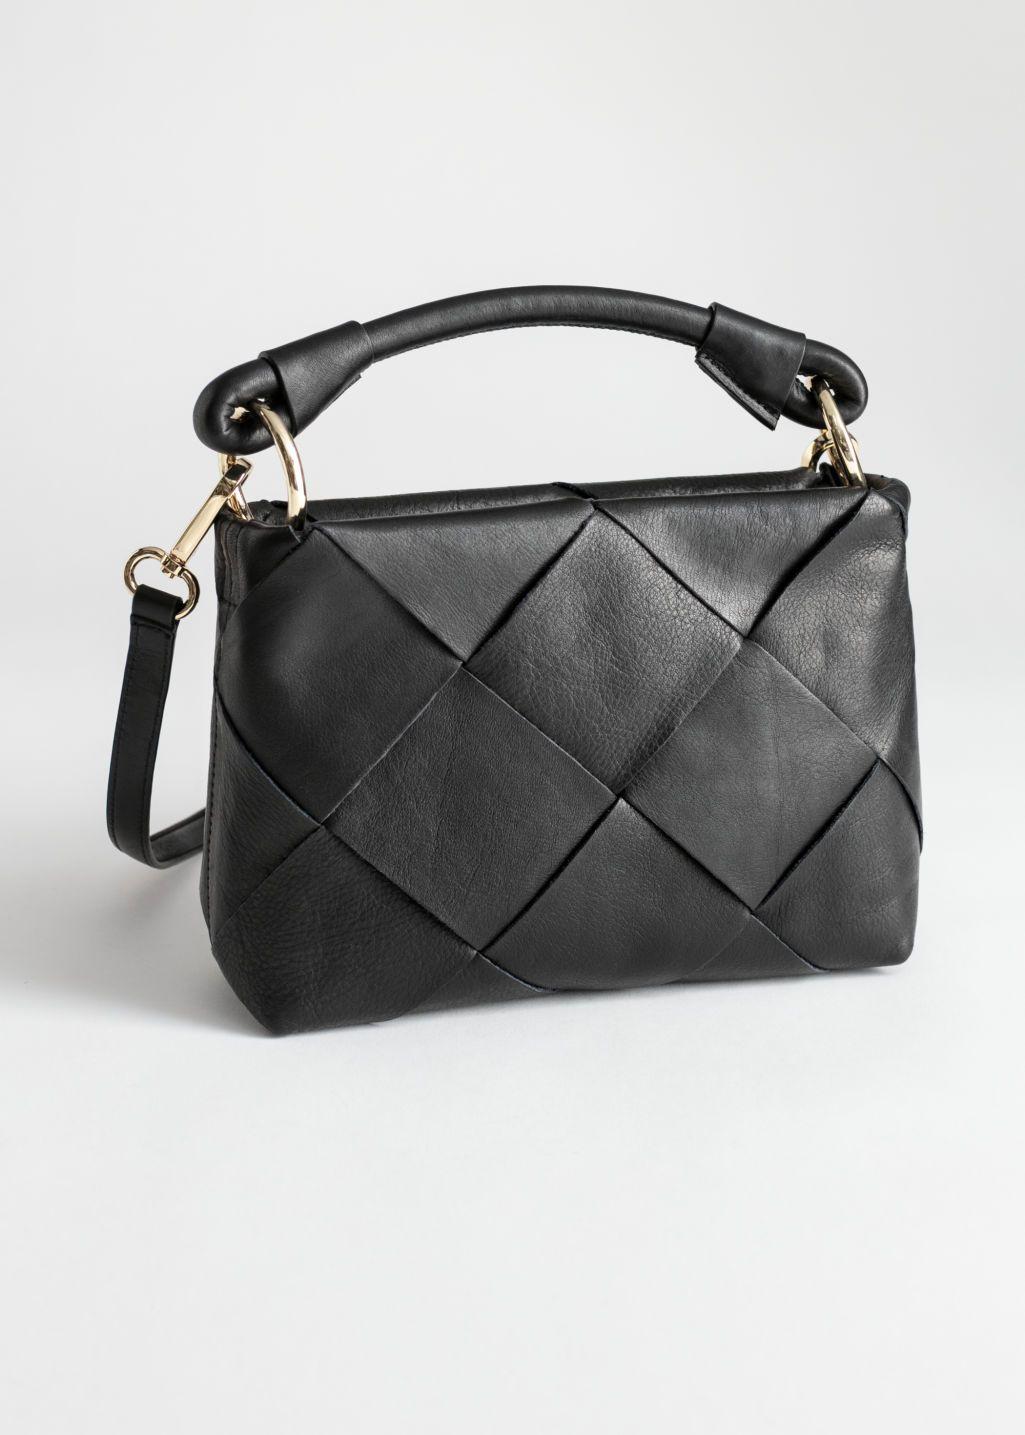 Grain Leather Hobo Bag Burgundy Shoulderbags Other Stories Leather Hobo Handbags Leather Crossbody Bag Shoulder Bag